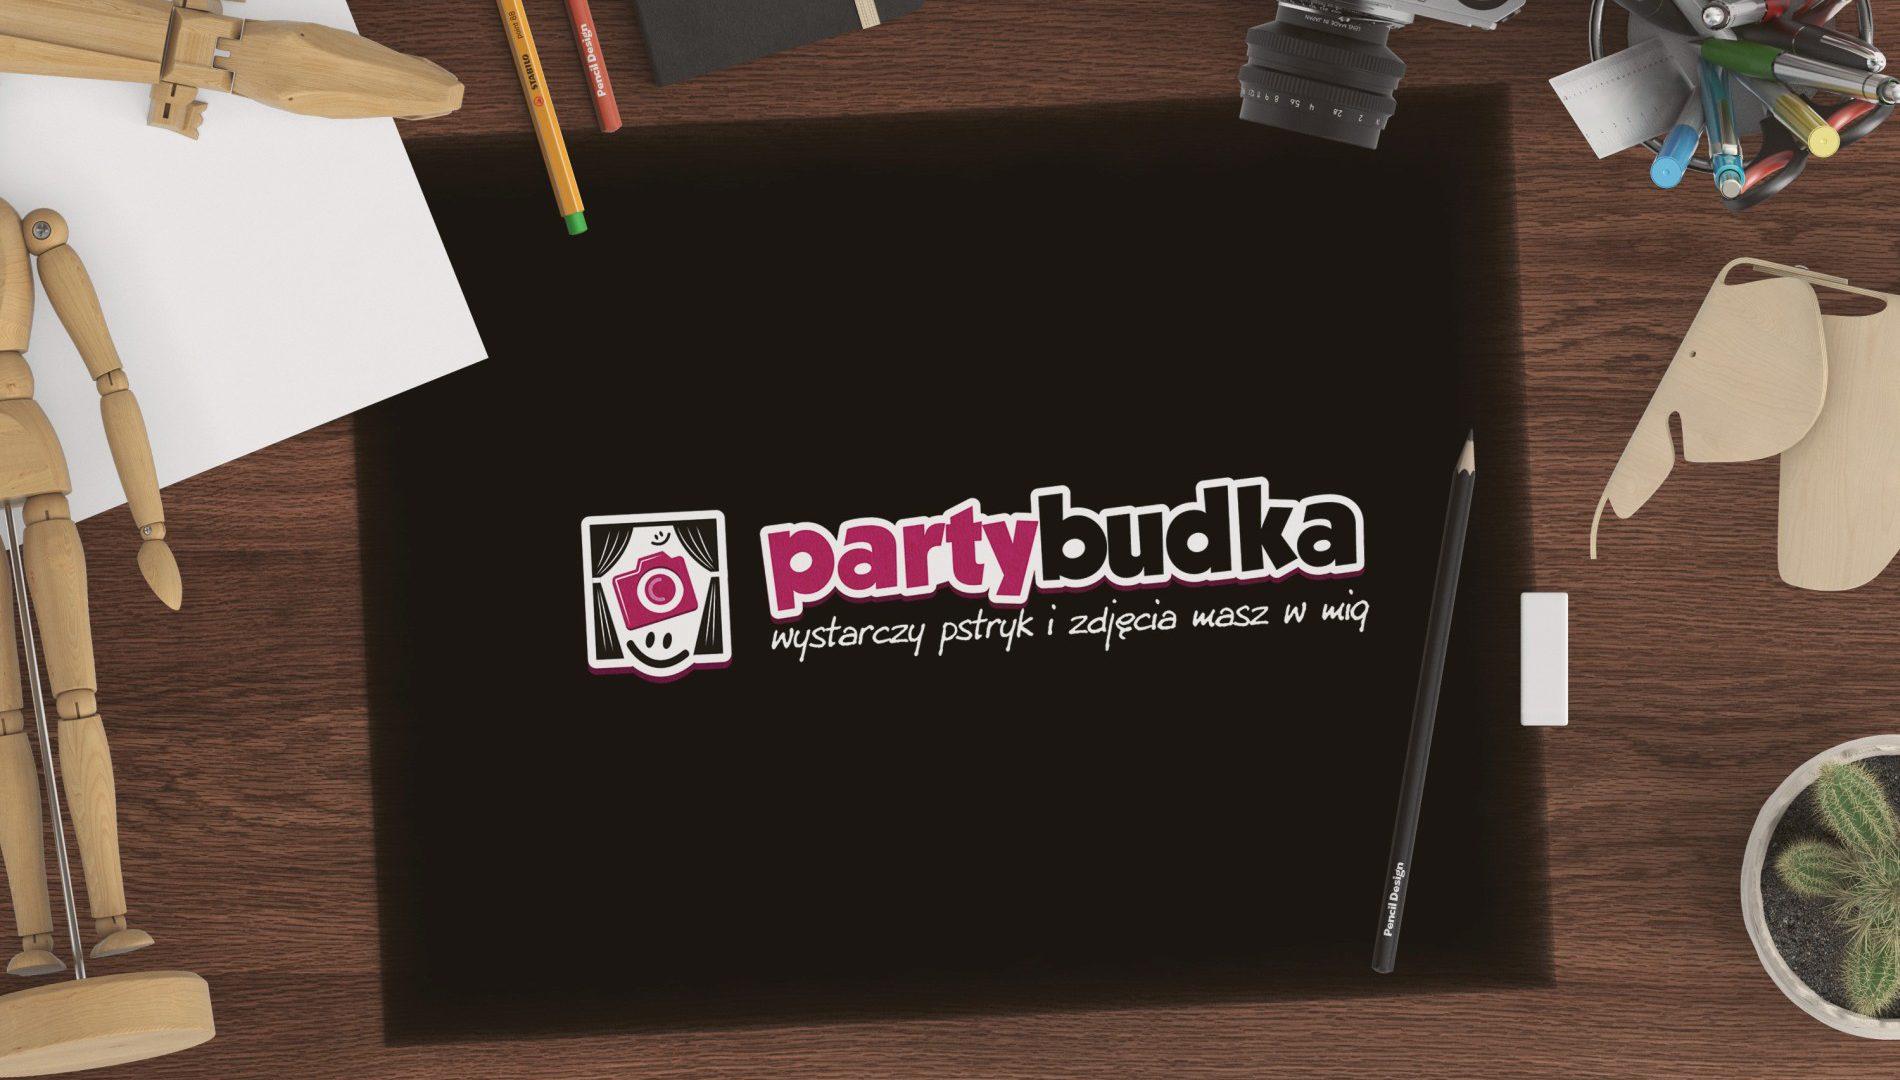 partybudka